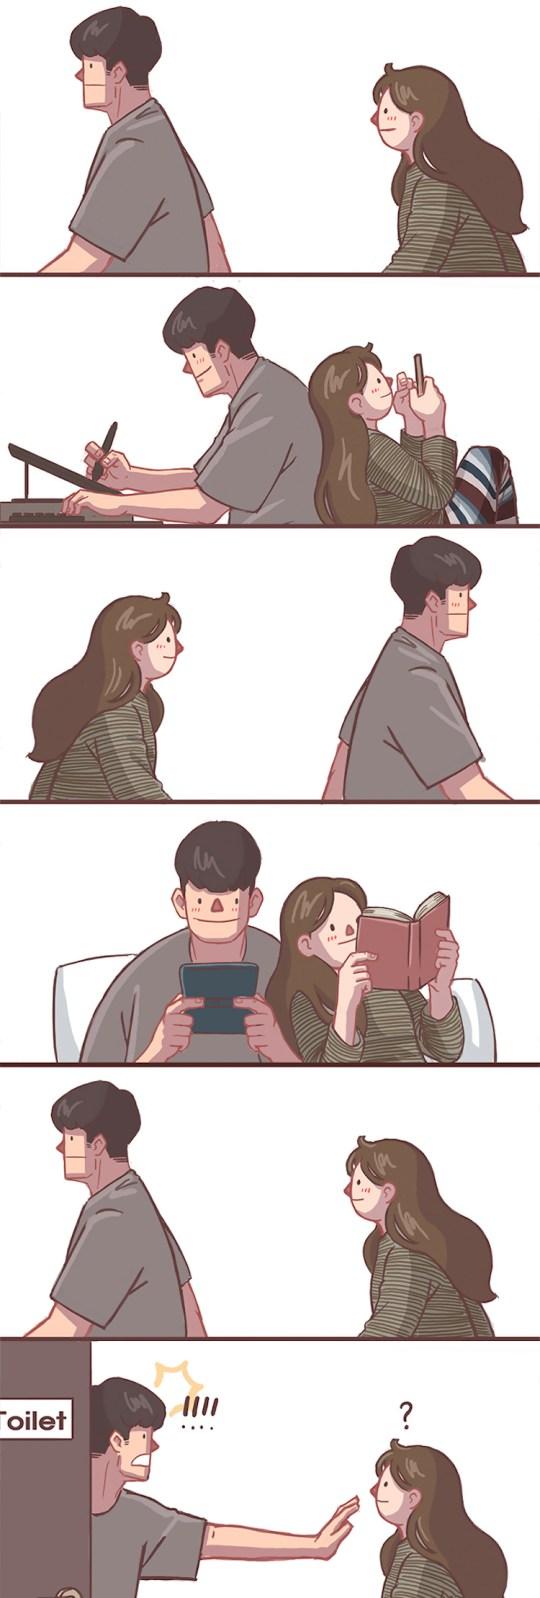 Ces illustrations adorables rendent hommage à la complicité des couples